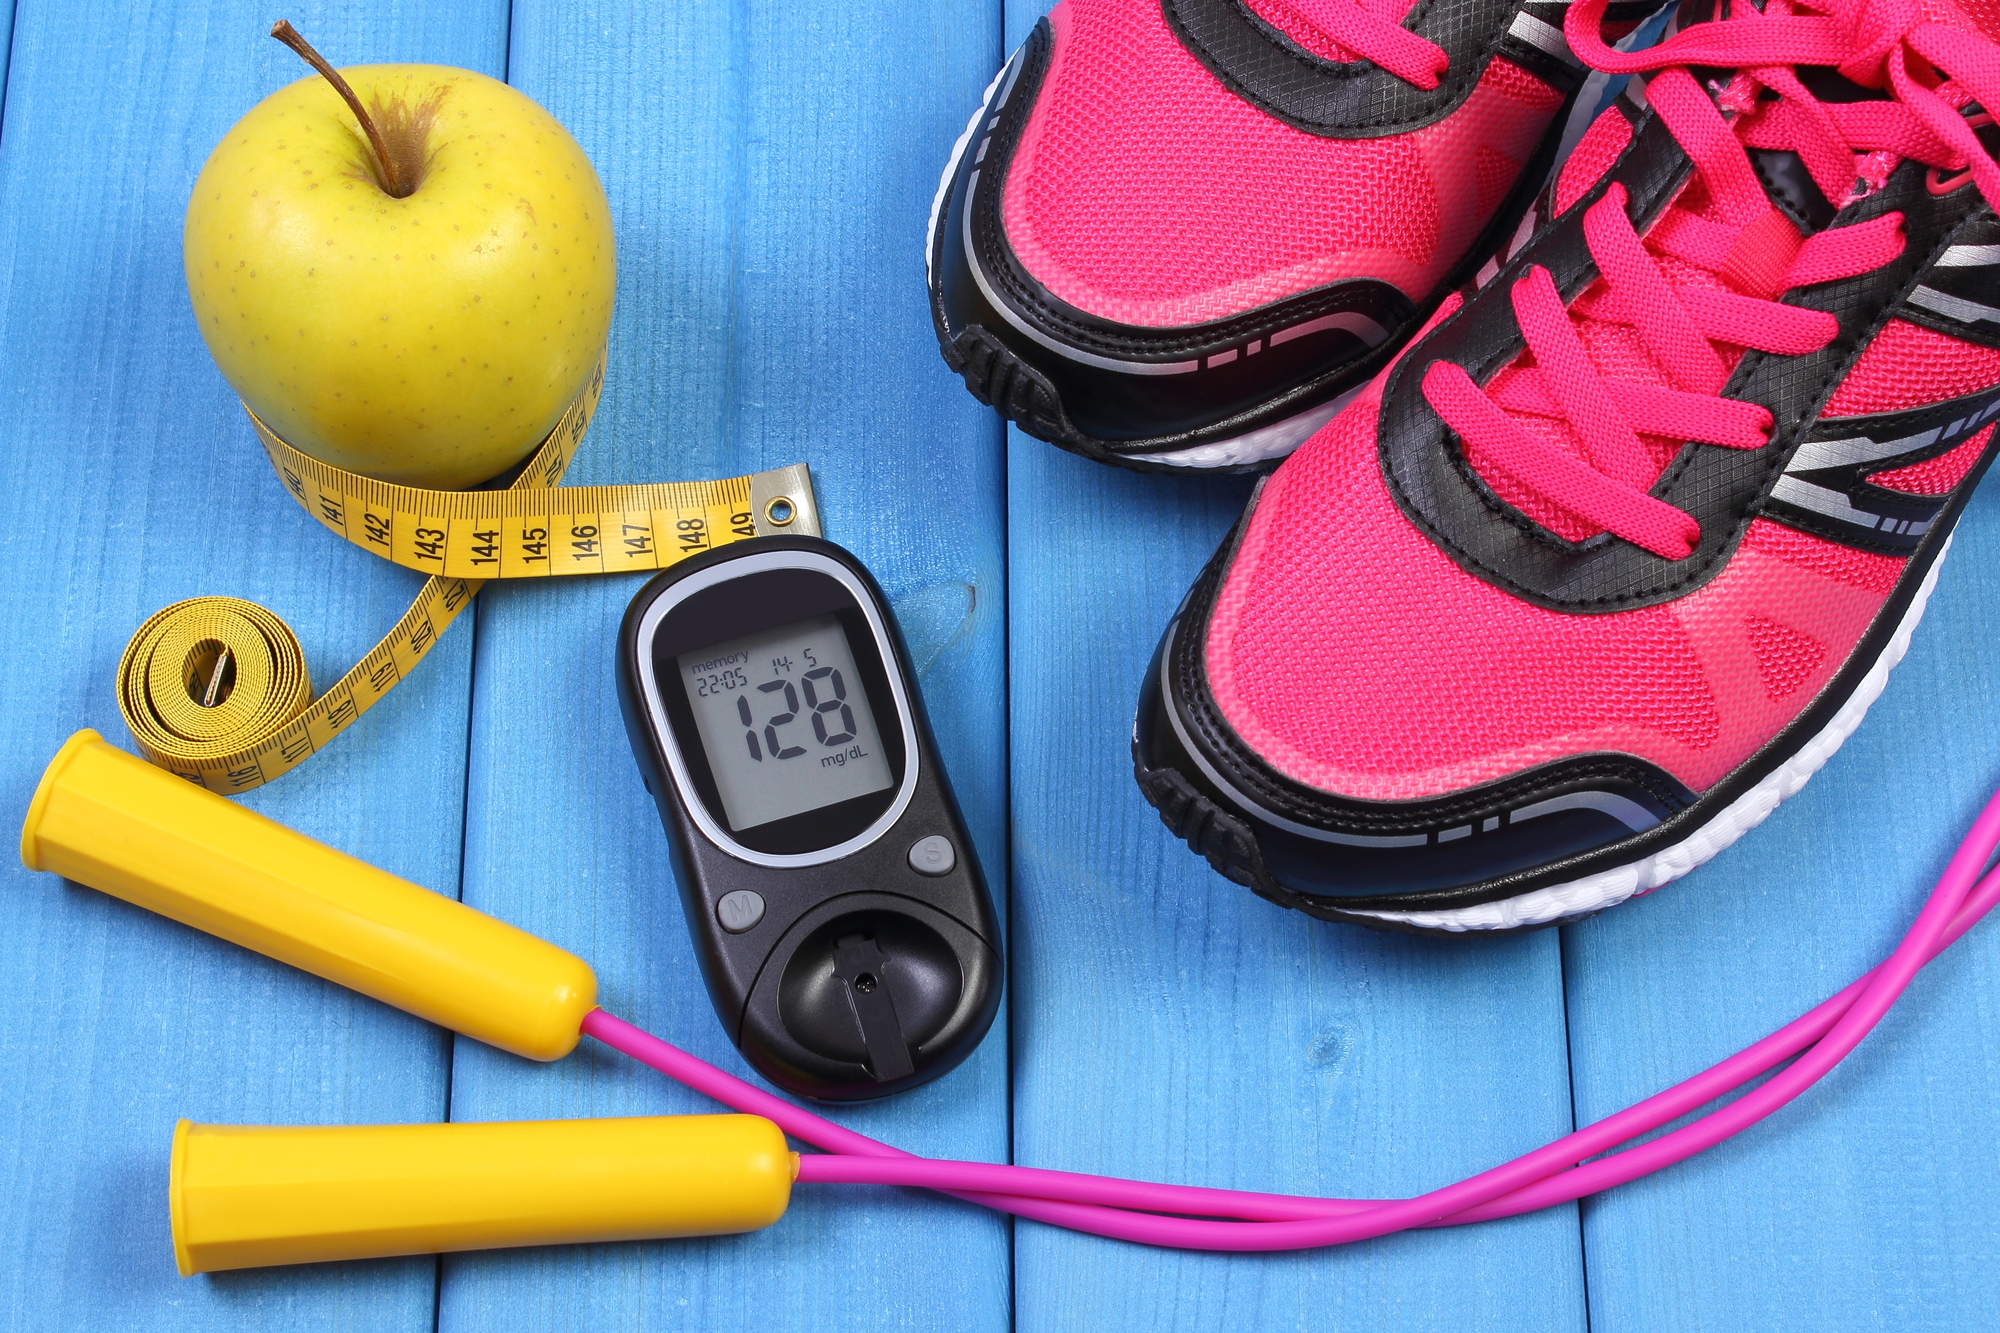 איזו פעילות גופנית הכי טובה לסוכרתיים ולירידה במשקל ואיזו ממש לא?